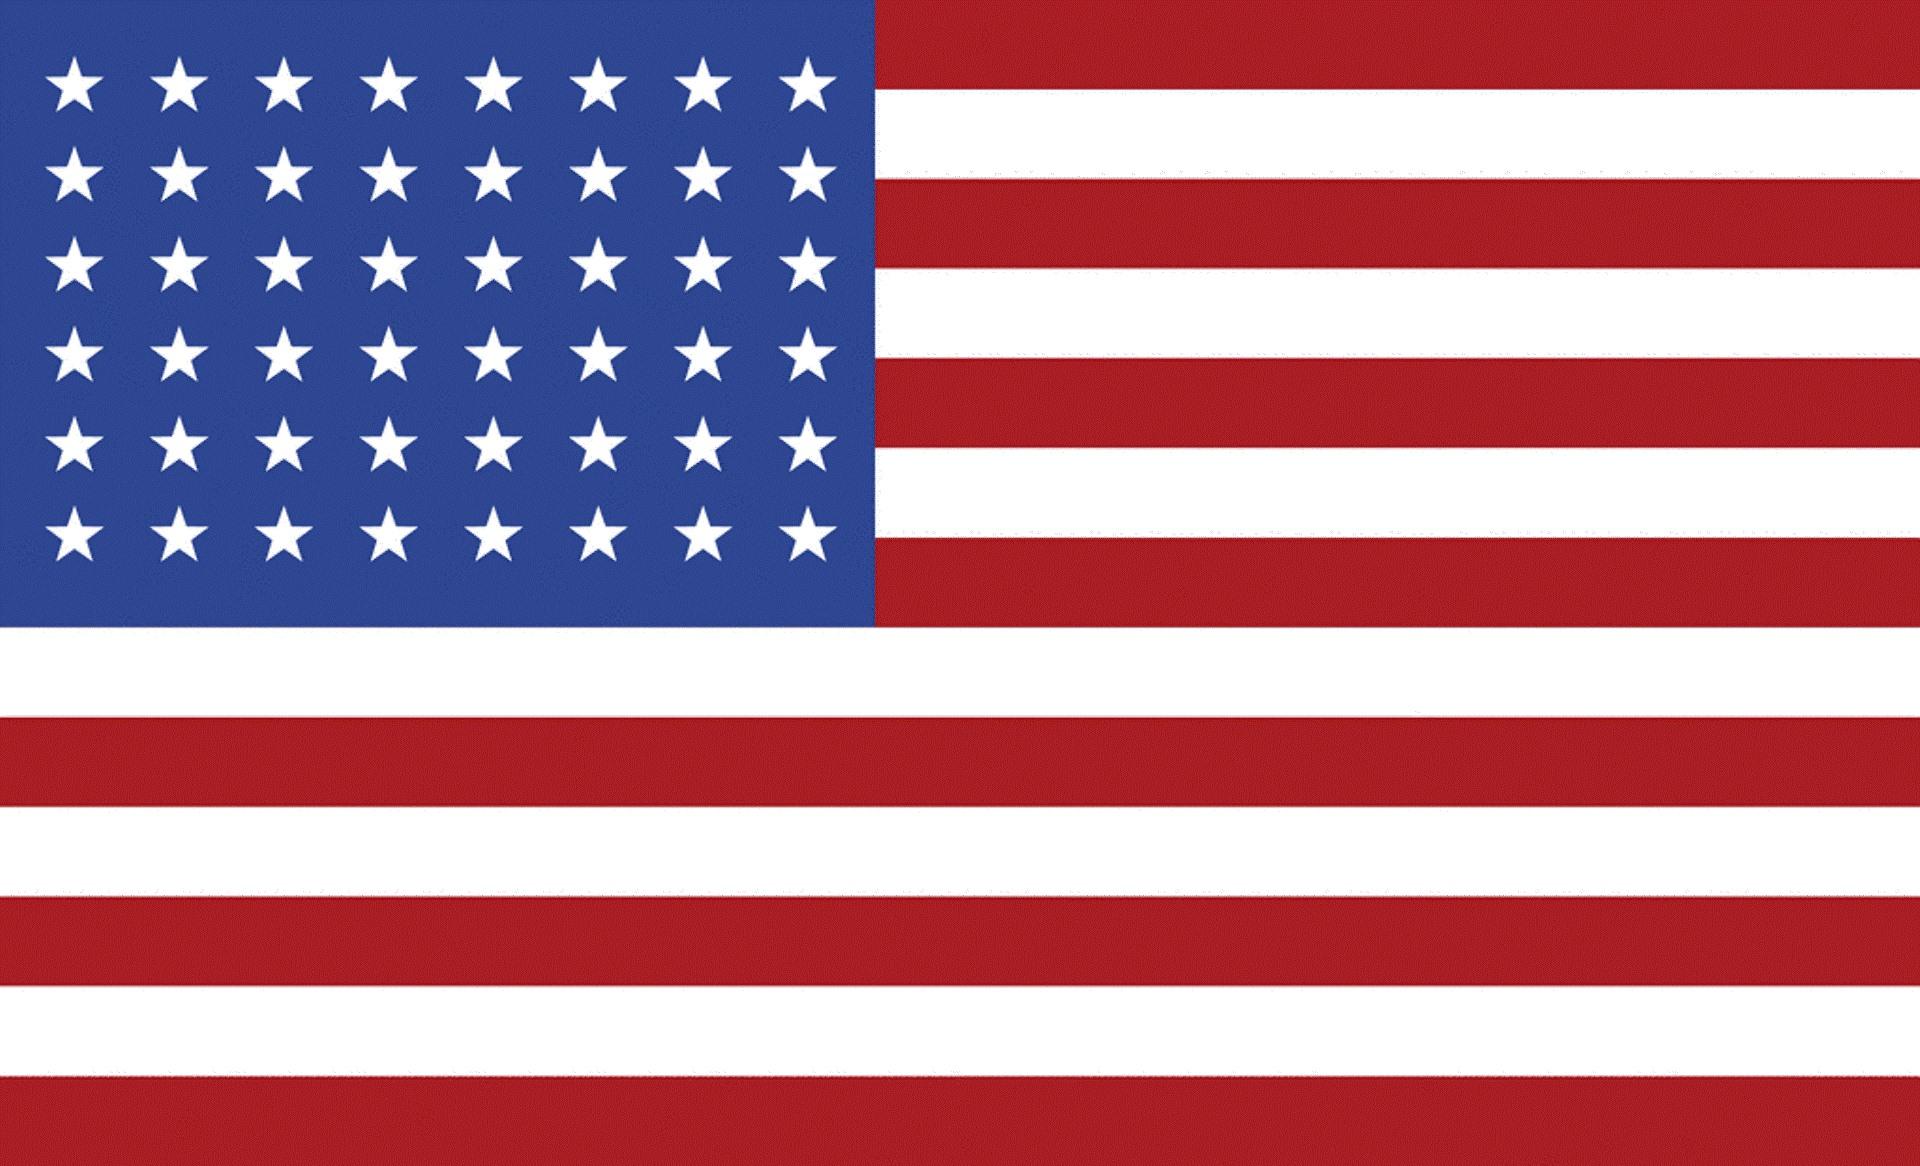 Fall Border Wallpaper For Desktop American Flag Background Images Pixelstalk Net